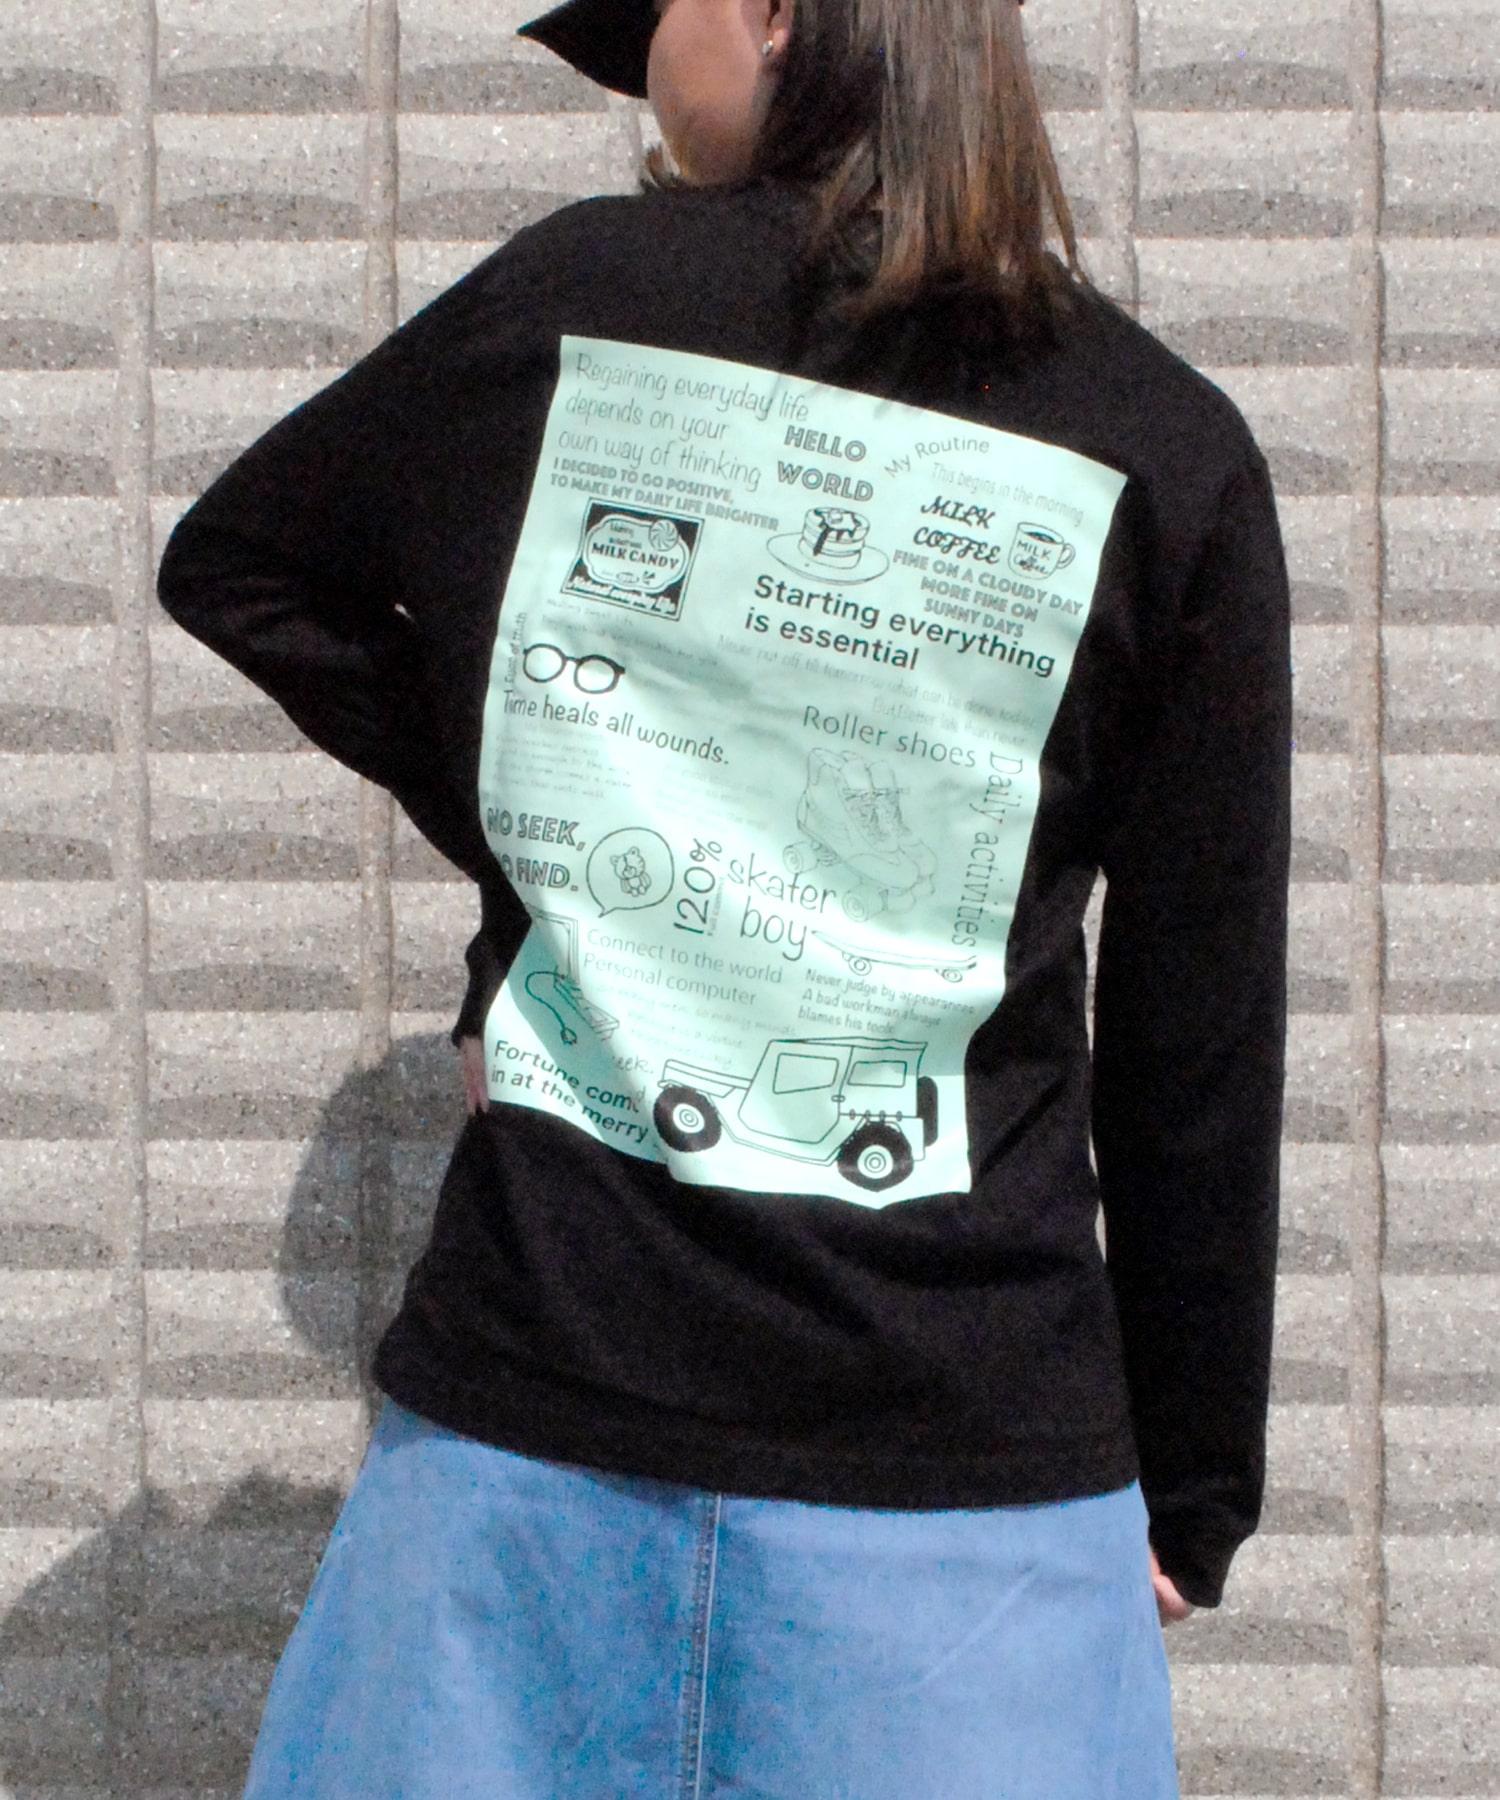 上等 3colors ロング スリーブ Tシャツ ロンT イラスト レディース 長袖Tシャツ プリントロンT 長袖 ロンティー 黒 白 海外輸入 おしゃれ 秋服 カットソー クルーネック ストリート ブランド